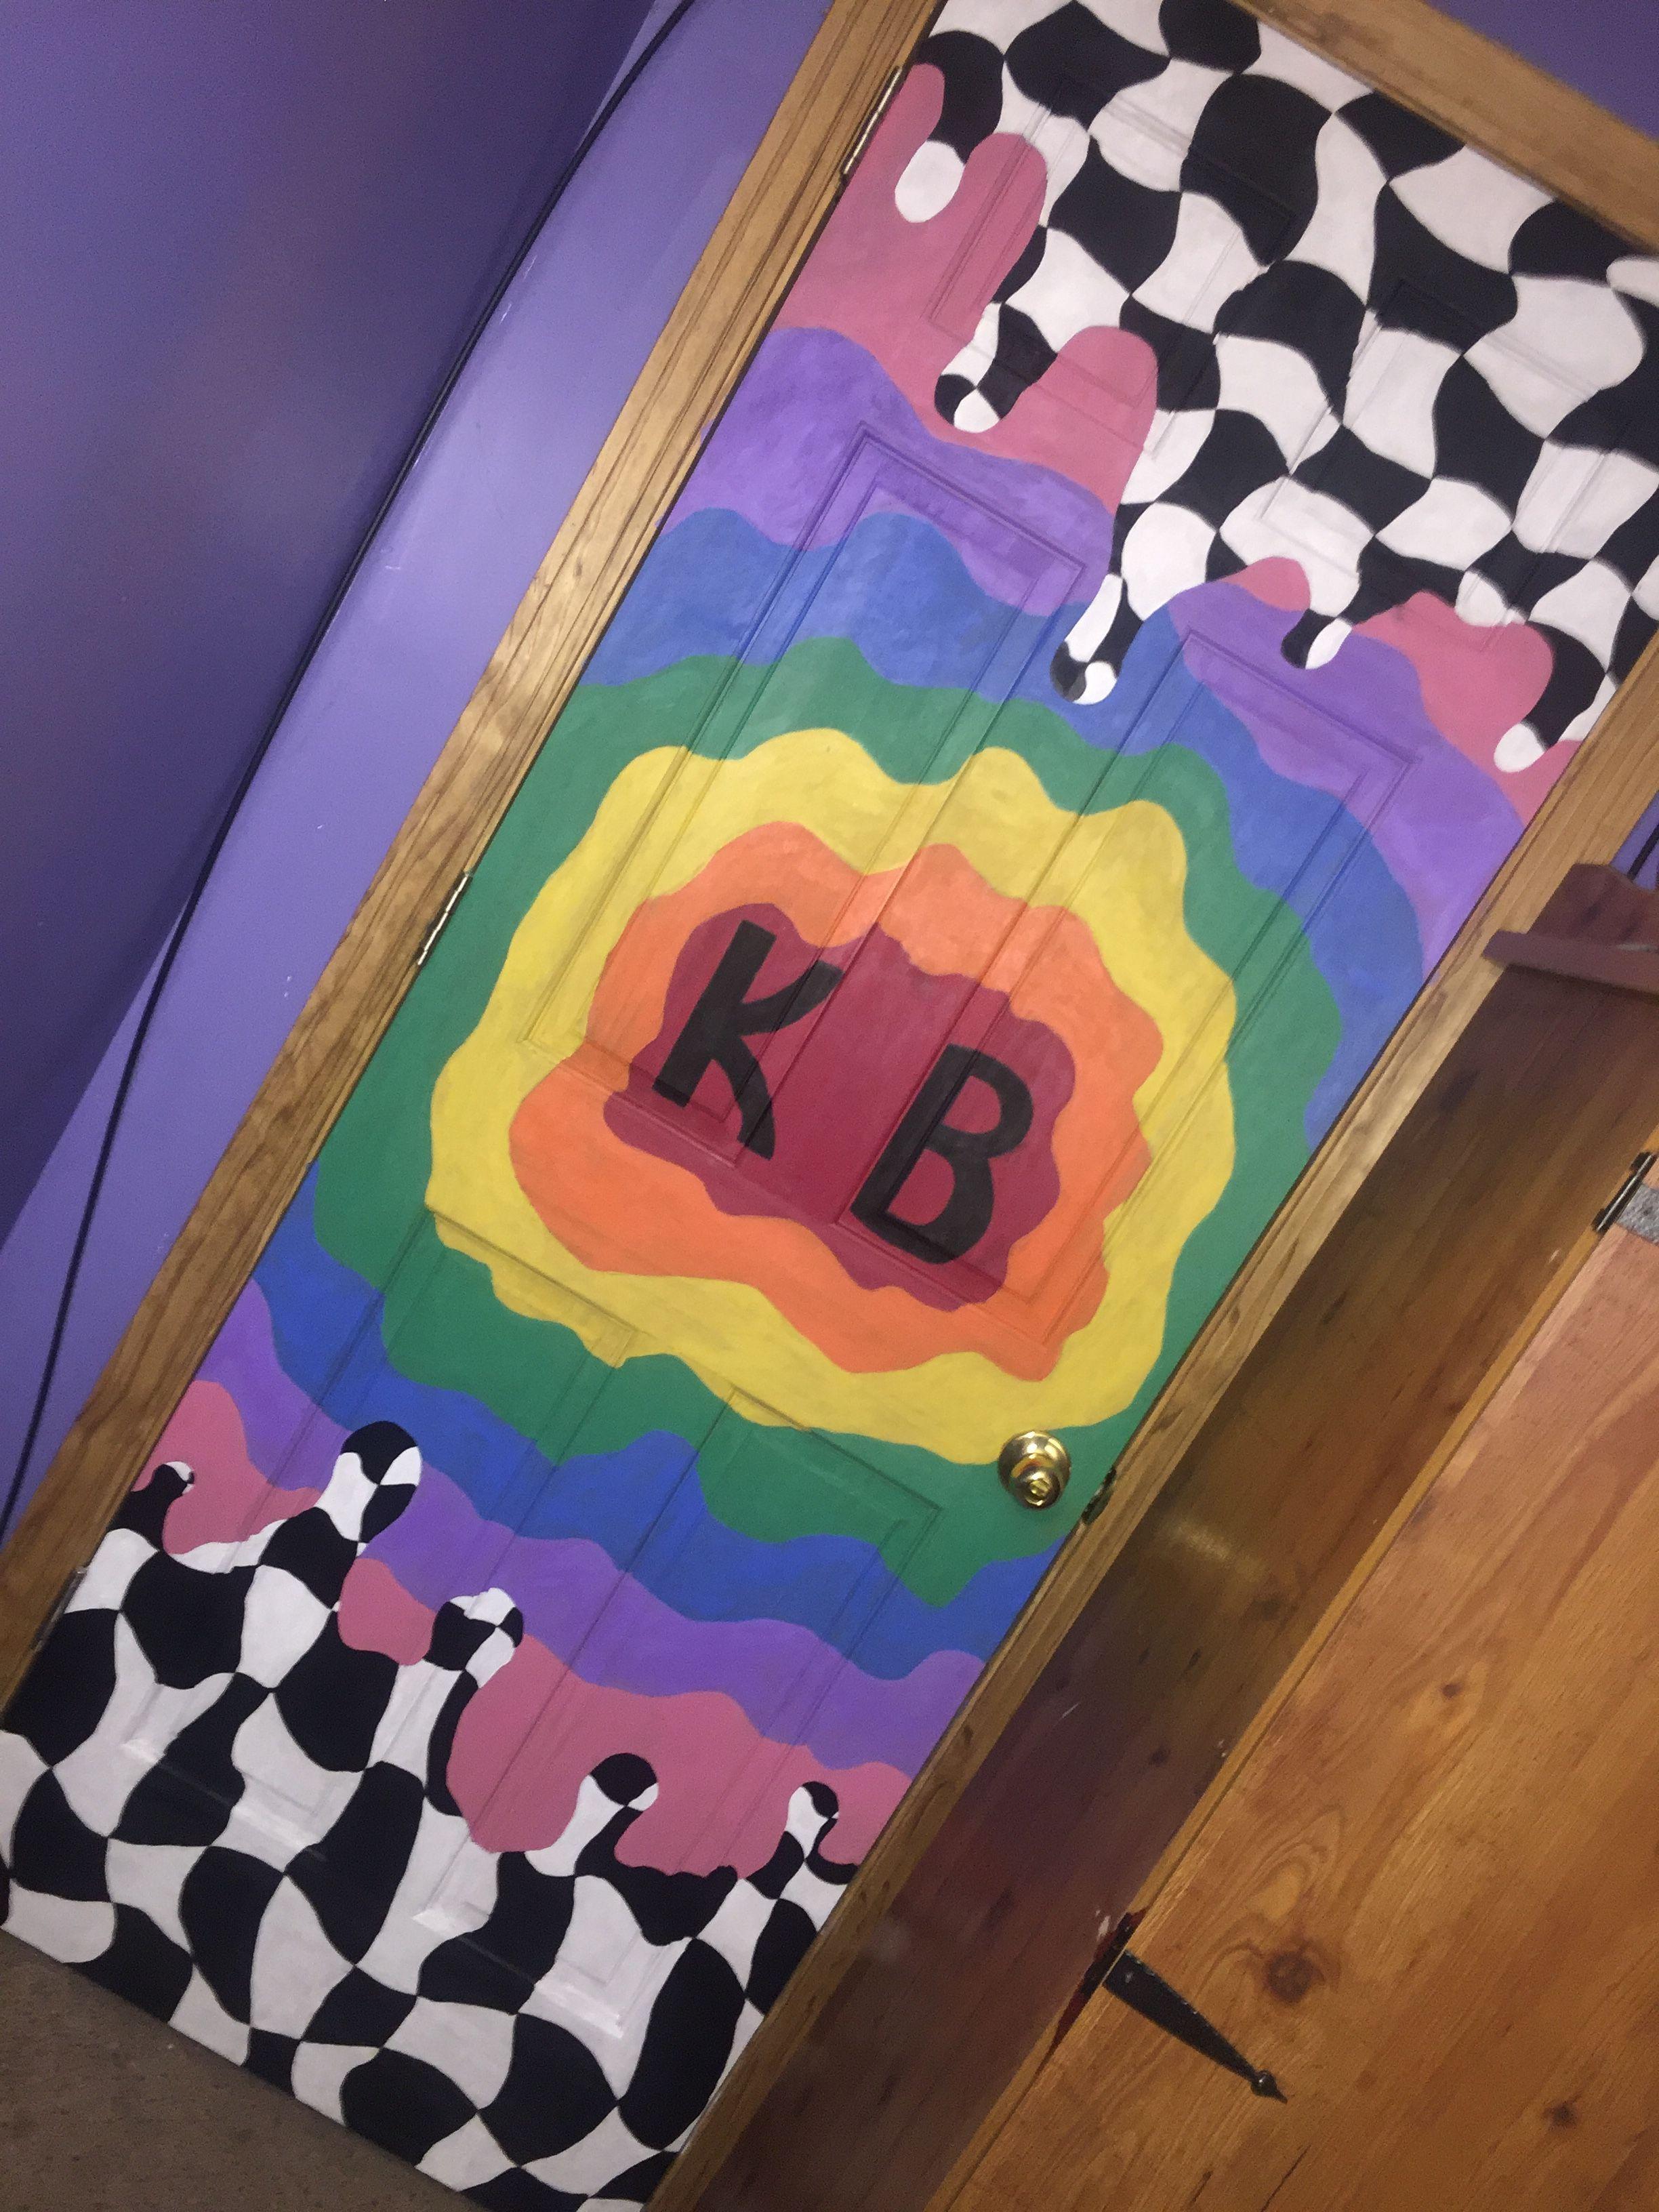 Trippy Painting On Door Painted Door Room Diy Diy Door Painted Painteddoorhippie Pai Bedroom Wall Paint Painted Bedroom Doors Painted Doors